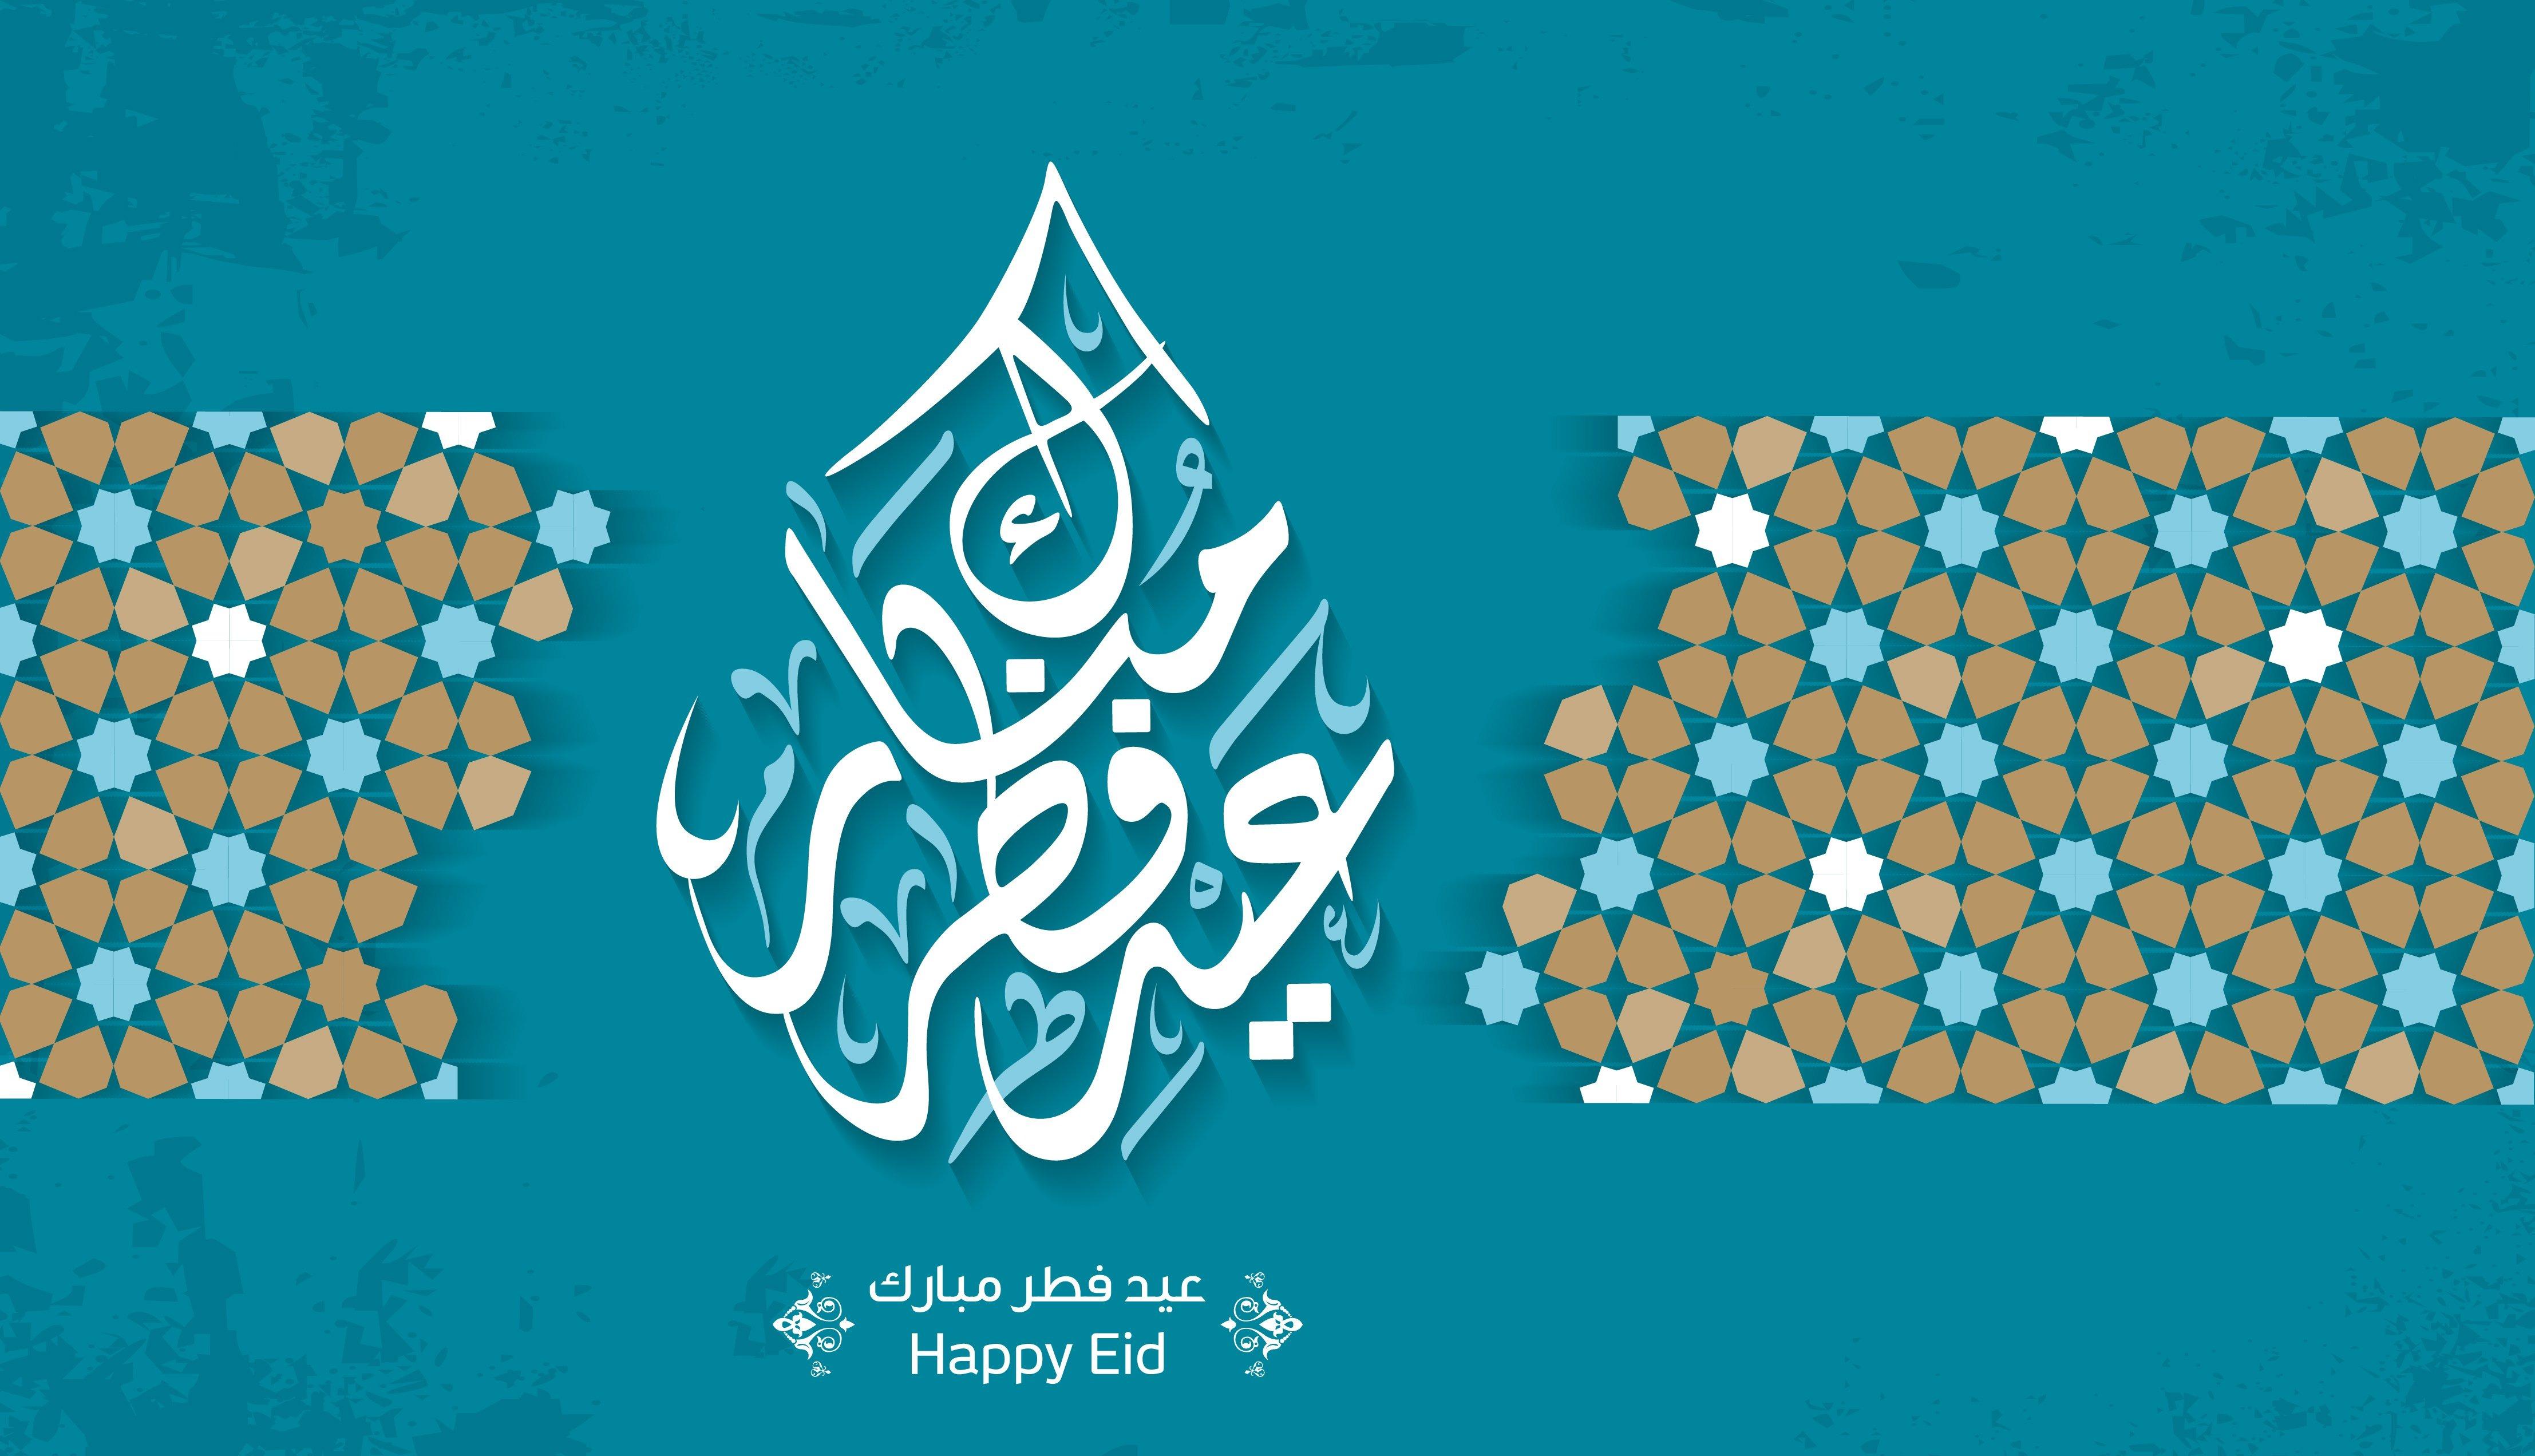 متى عيد الفطر المبارك في مصر فلكيا؟.. الإجابة هنا